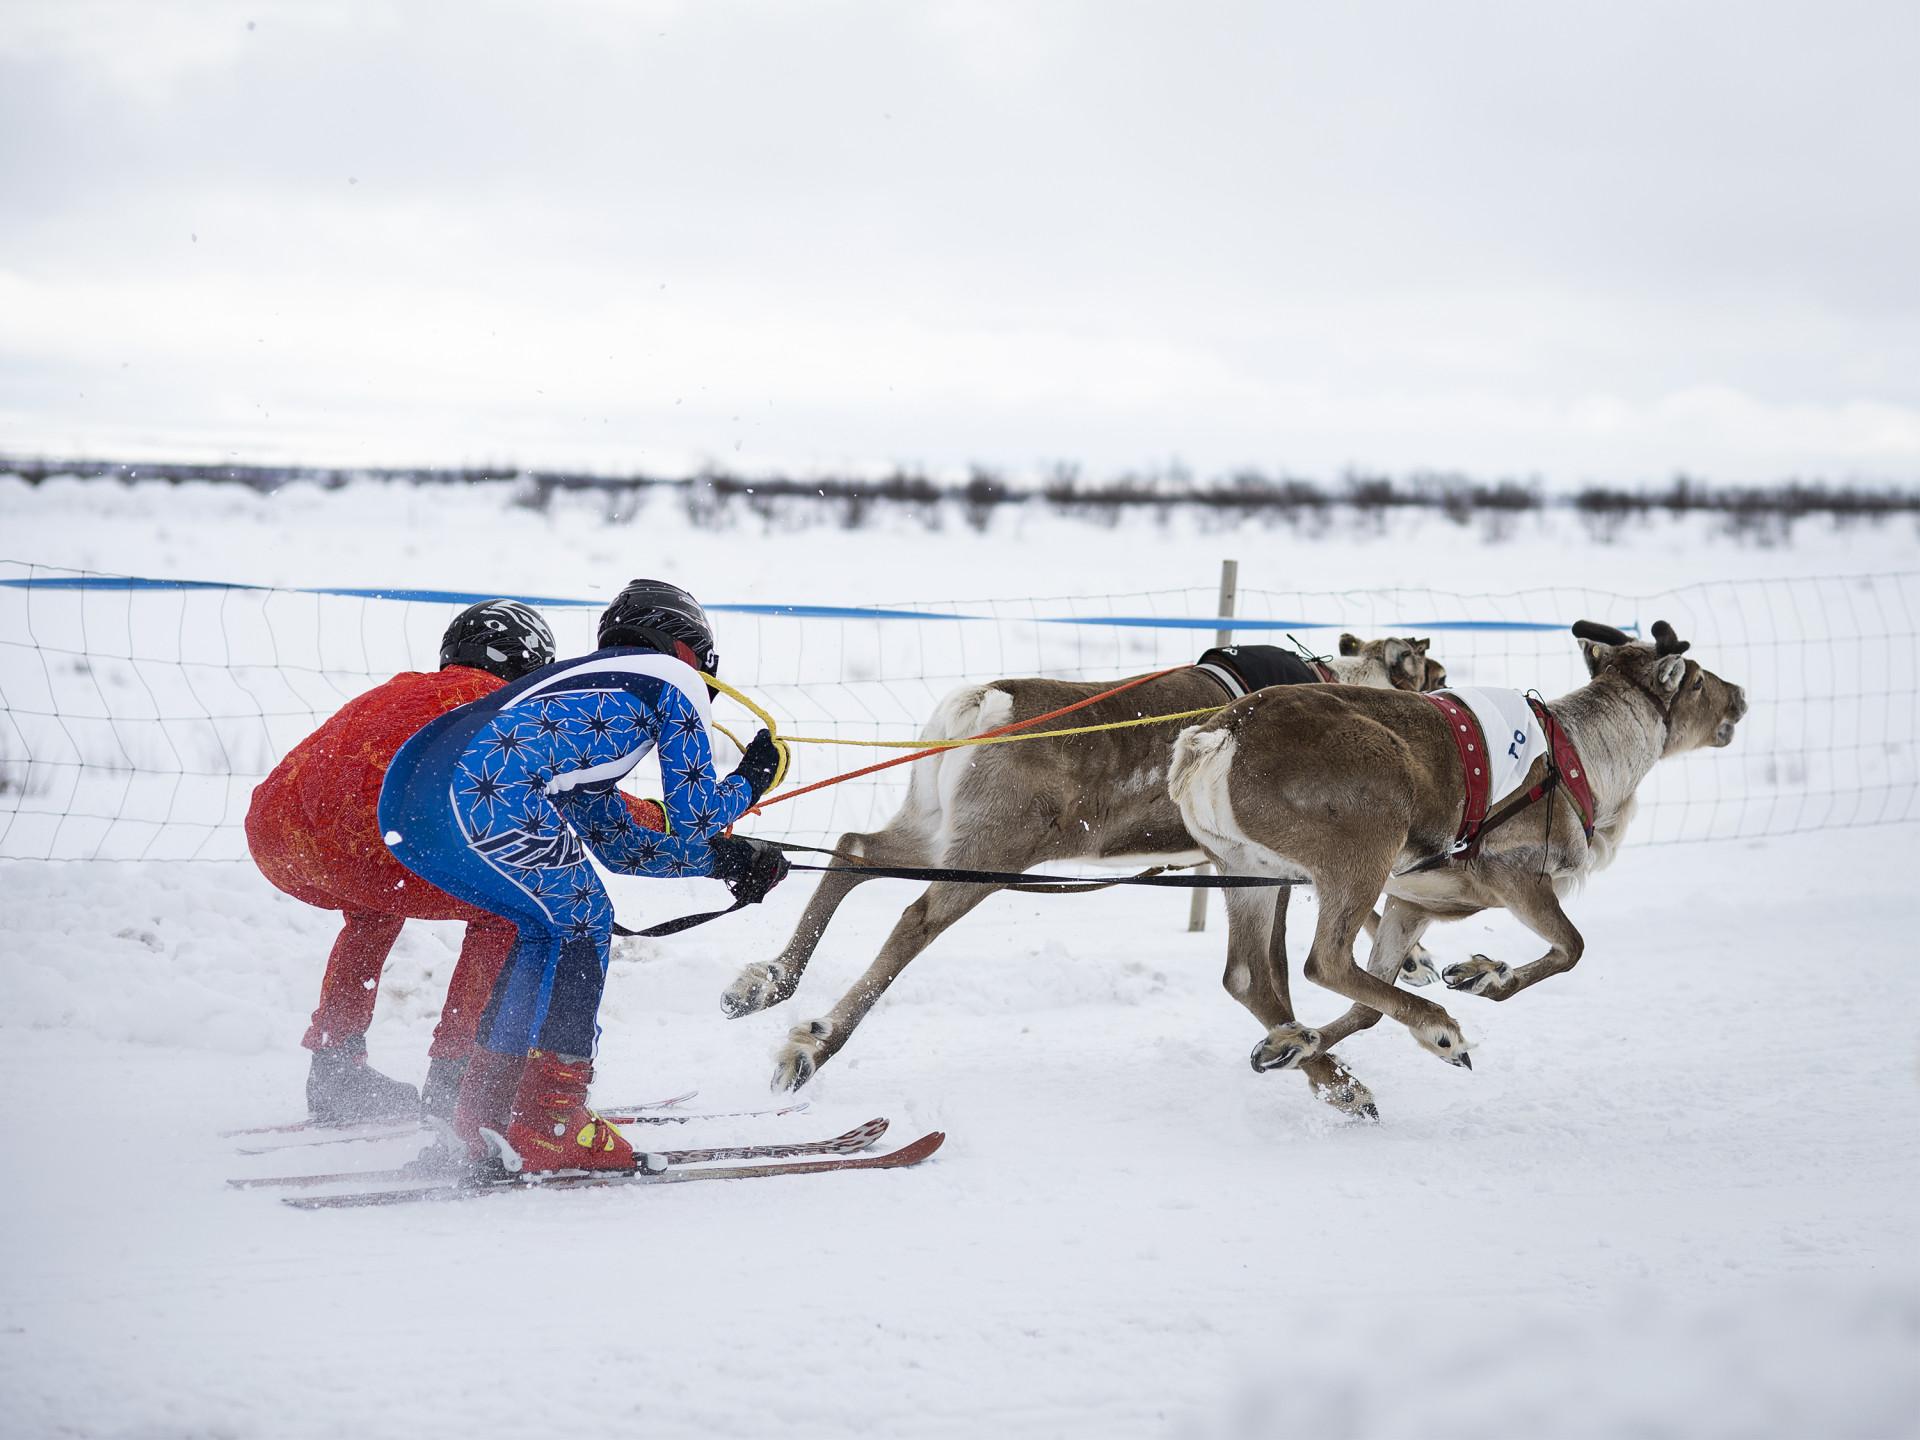 Två personer klädda i röd och blå overall som åker skidor efter renar. Från Kautokeino.